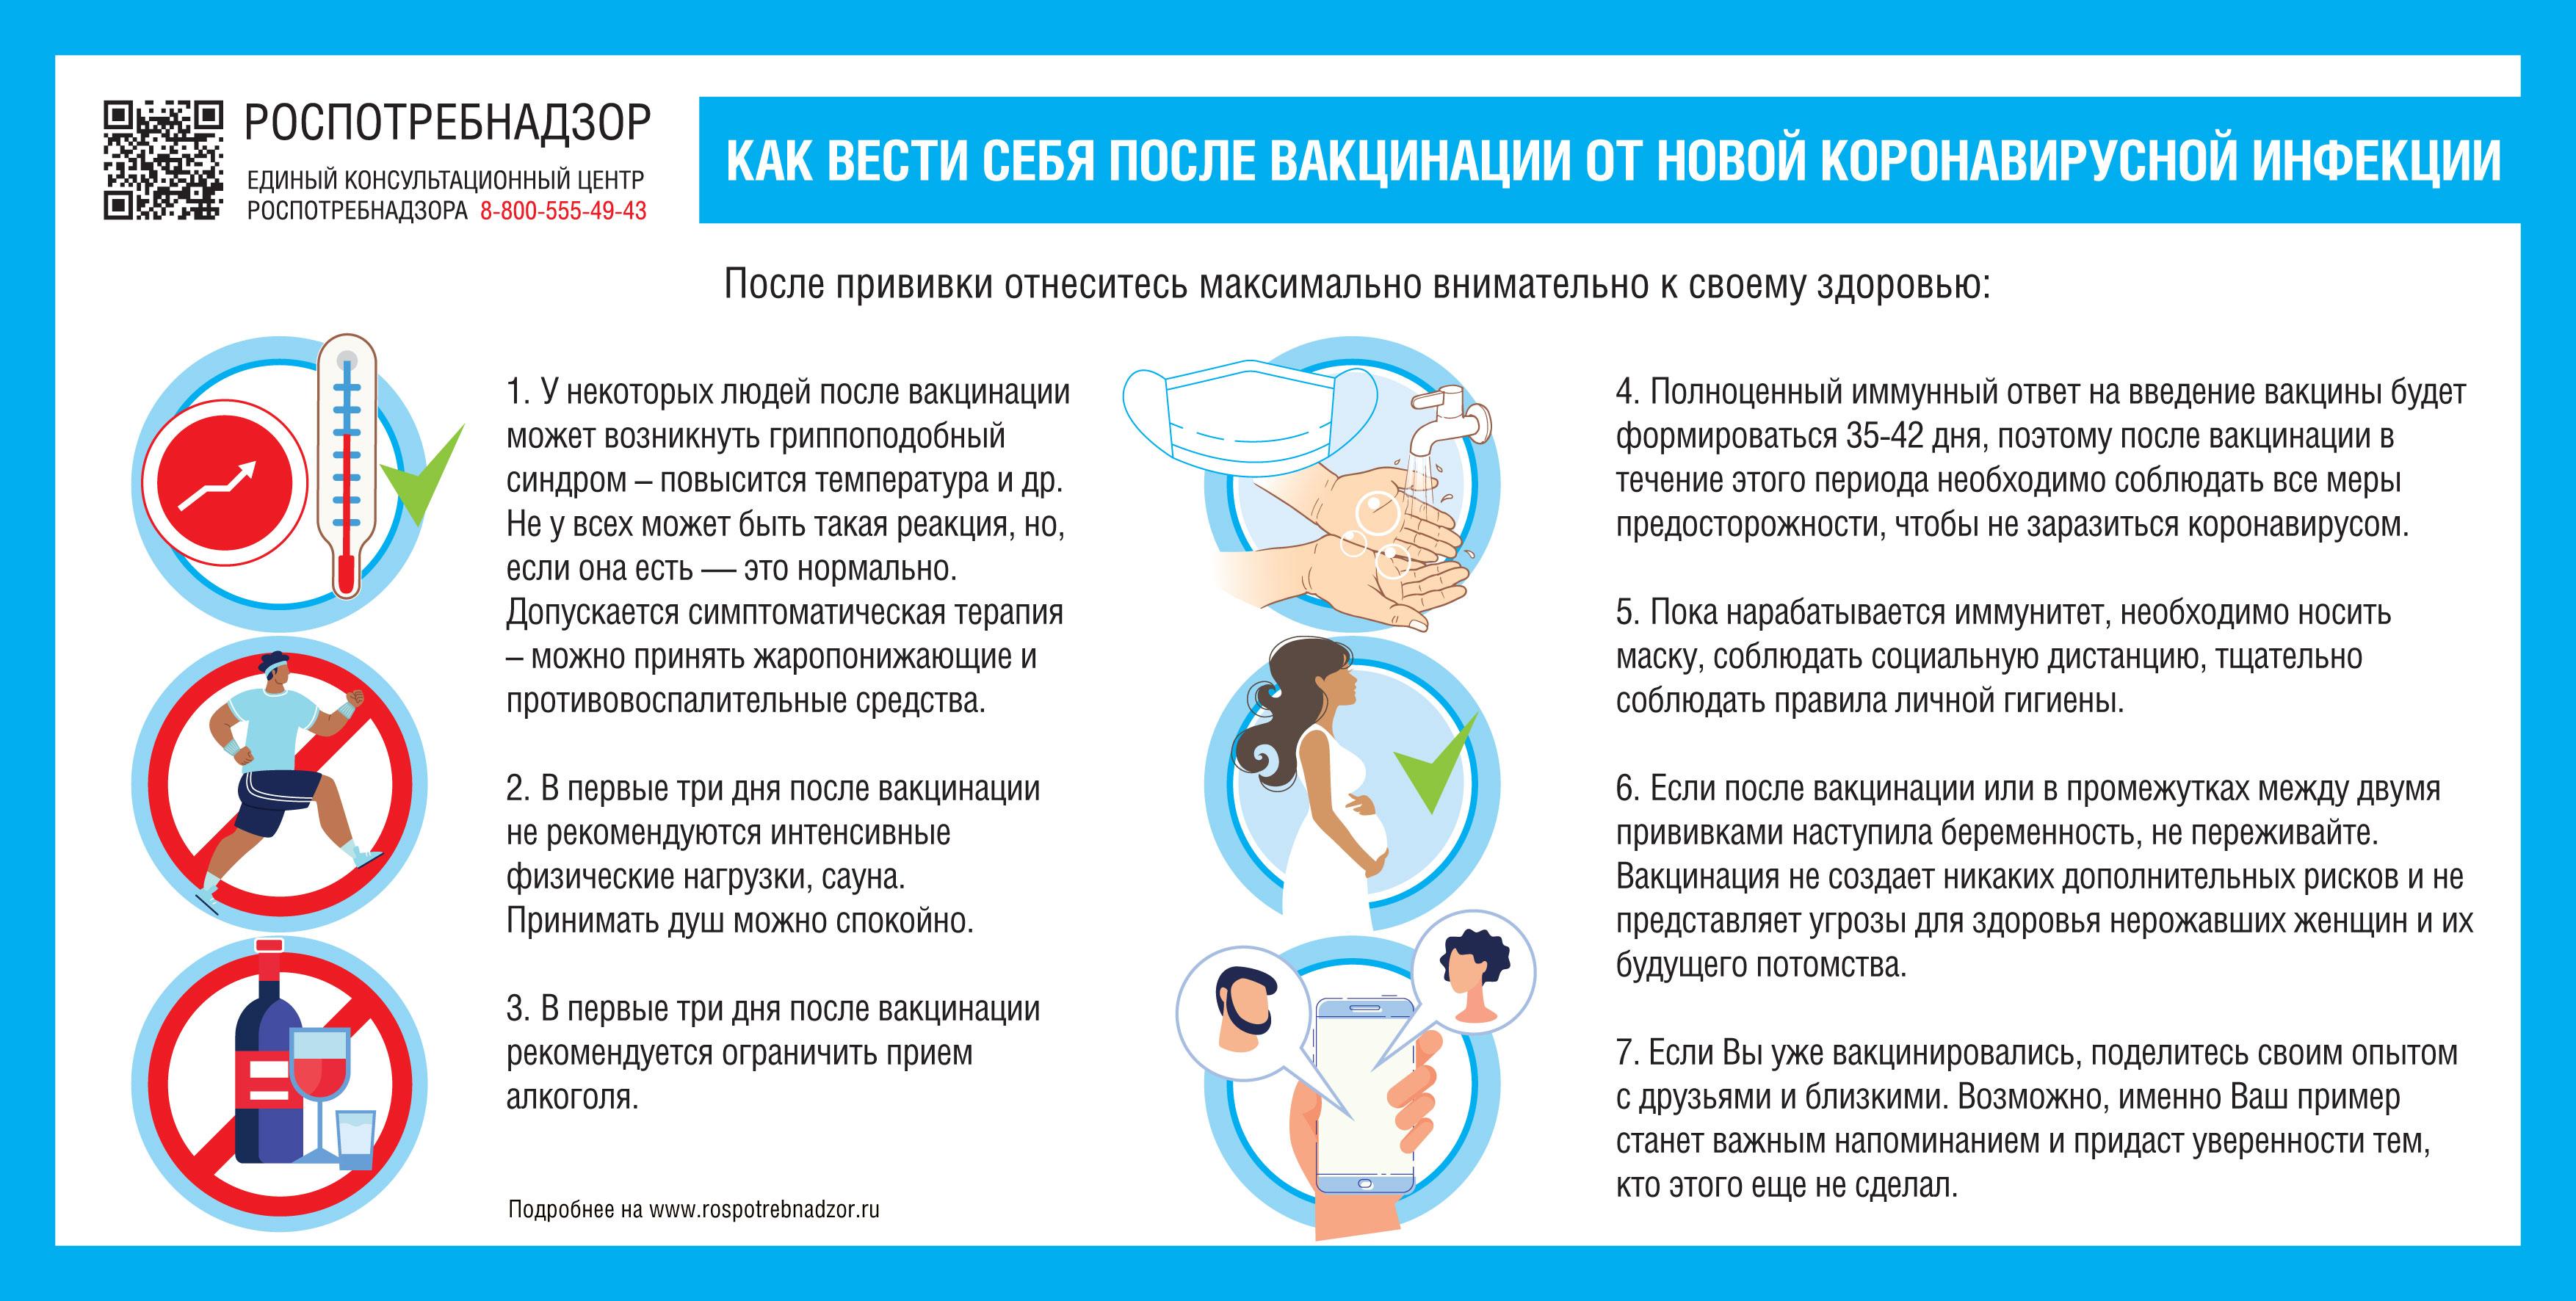 https://www.rospotrebnadzor.ru/files/news2/2021/06/297x150_PosleVakz%20(2).jpg